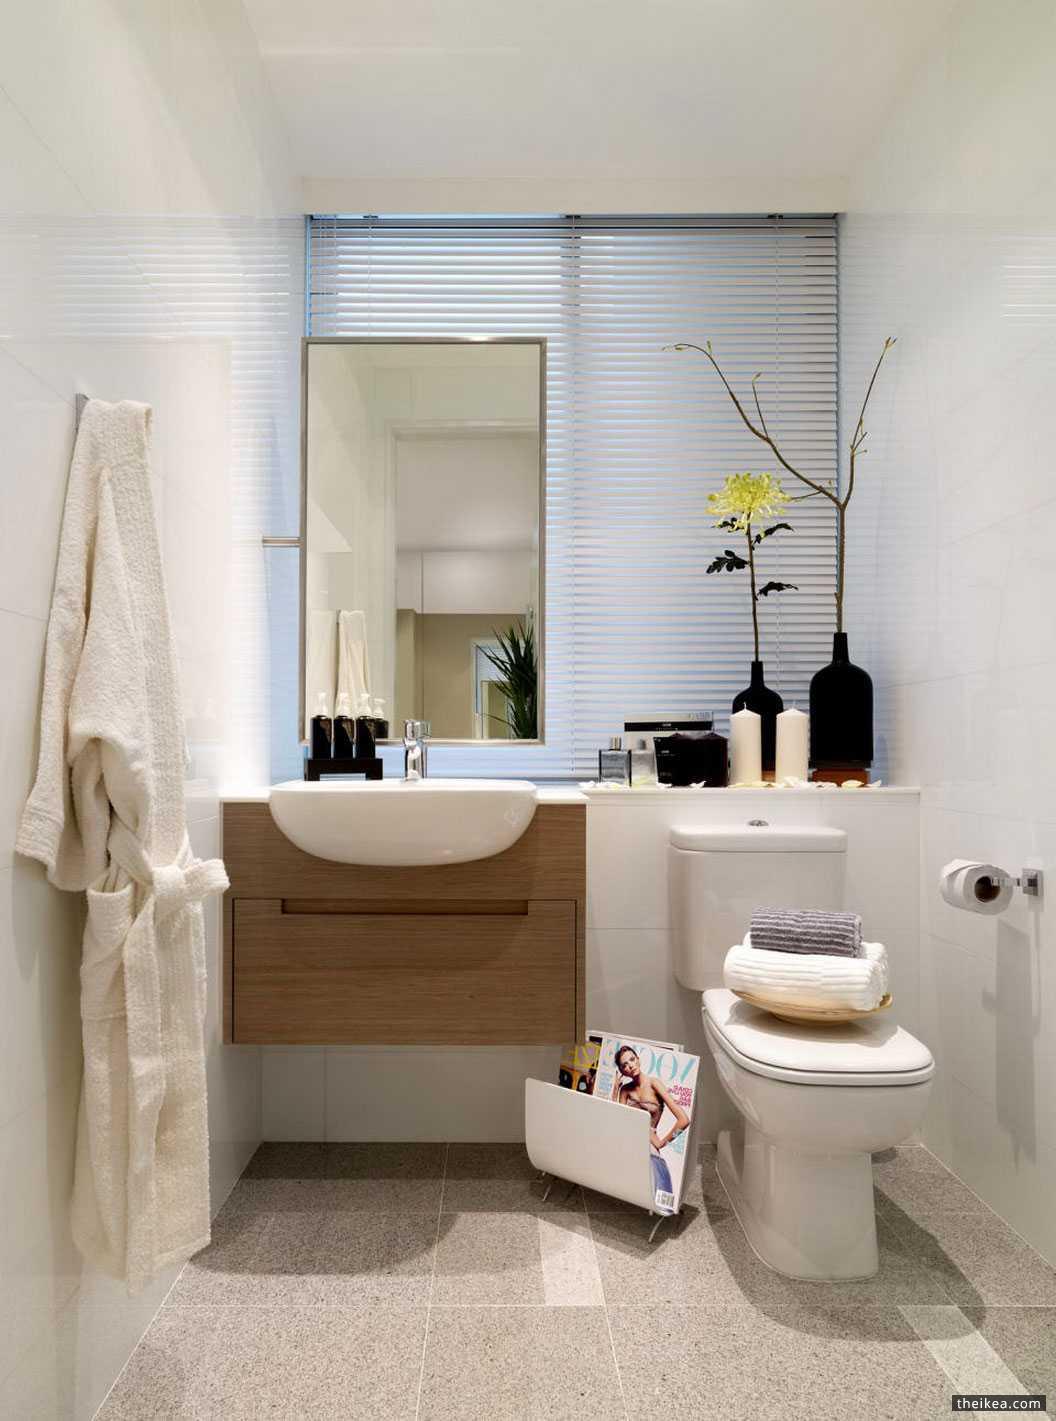 Home Depot Small Bathroom Design Ideas Home Depot Small Bathroom ...